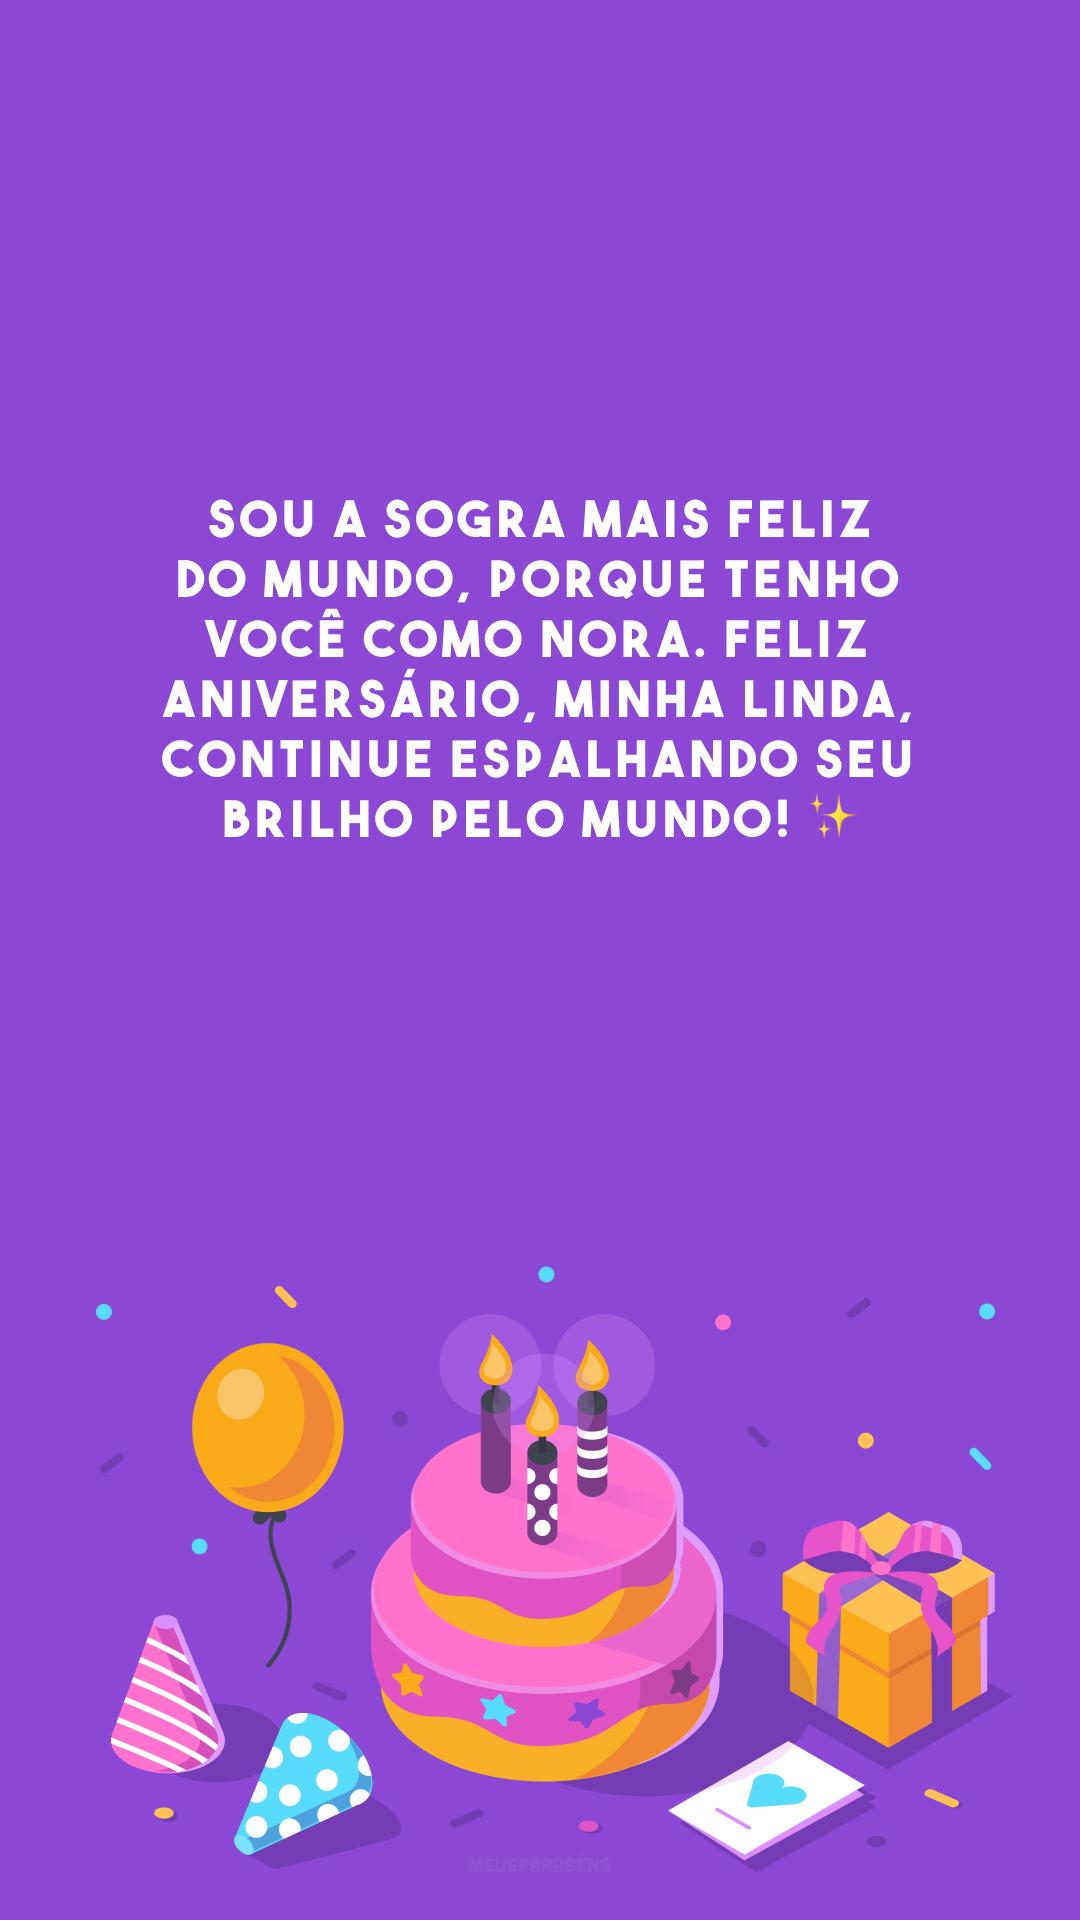 Sou a sogra mais feliz do mundo, porque tenho você como nora. Feliz aniversário, minha linda, continue espalhando seu brilho pelo mundo! ✨